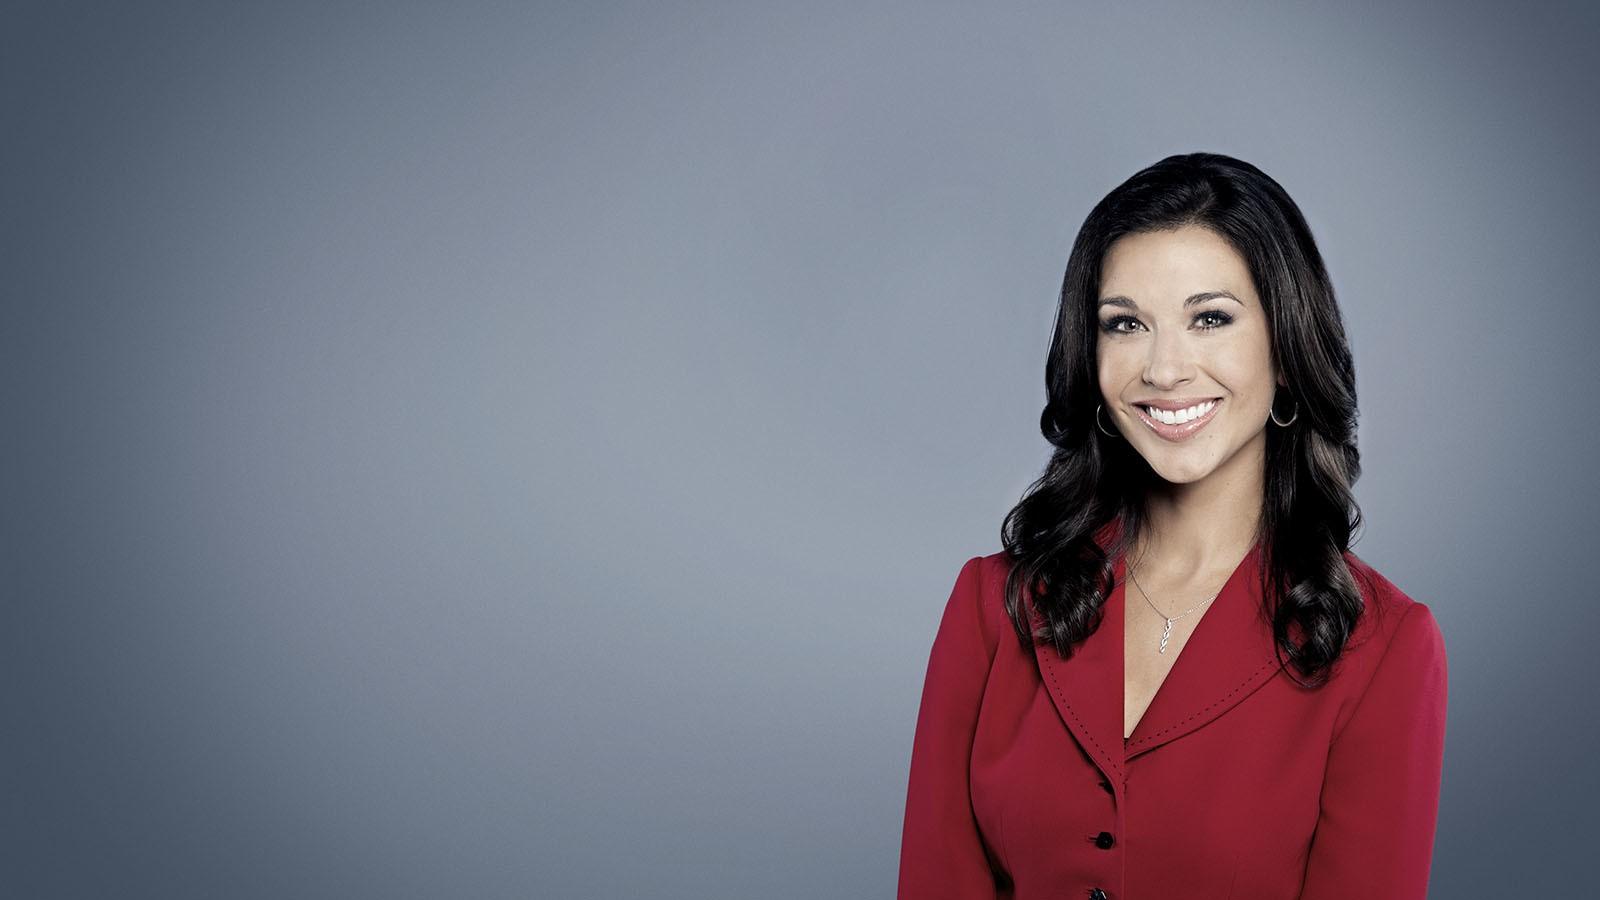 CNN Profiles - Ana Cabrera - Correspondent - CNN.com